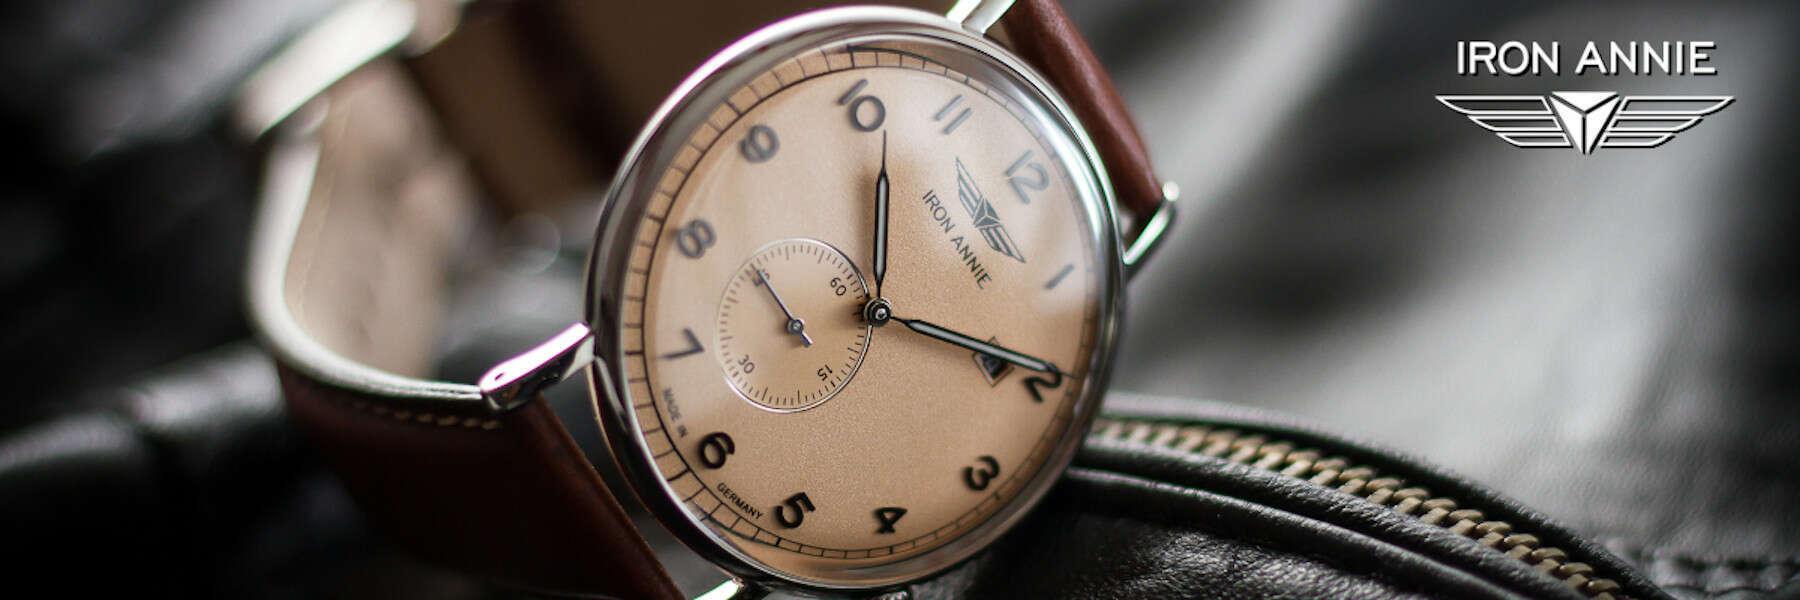 Uhren Daniel Heckmann - Iron Annie